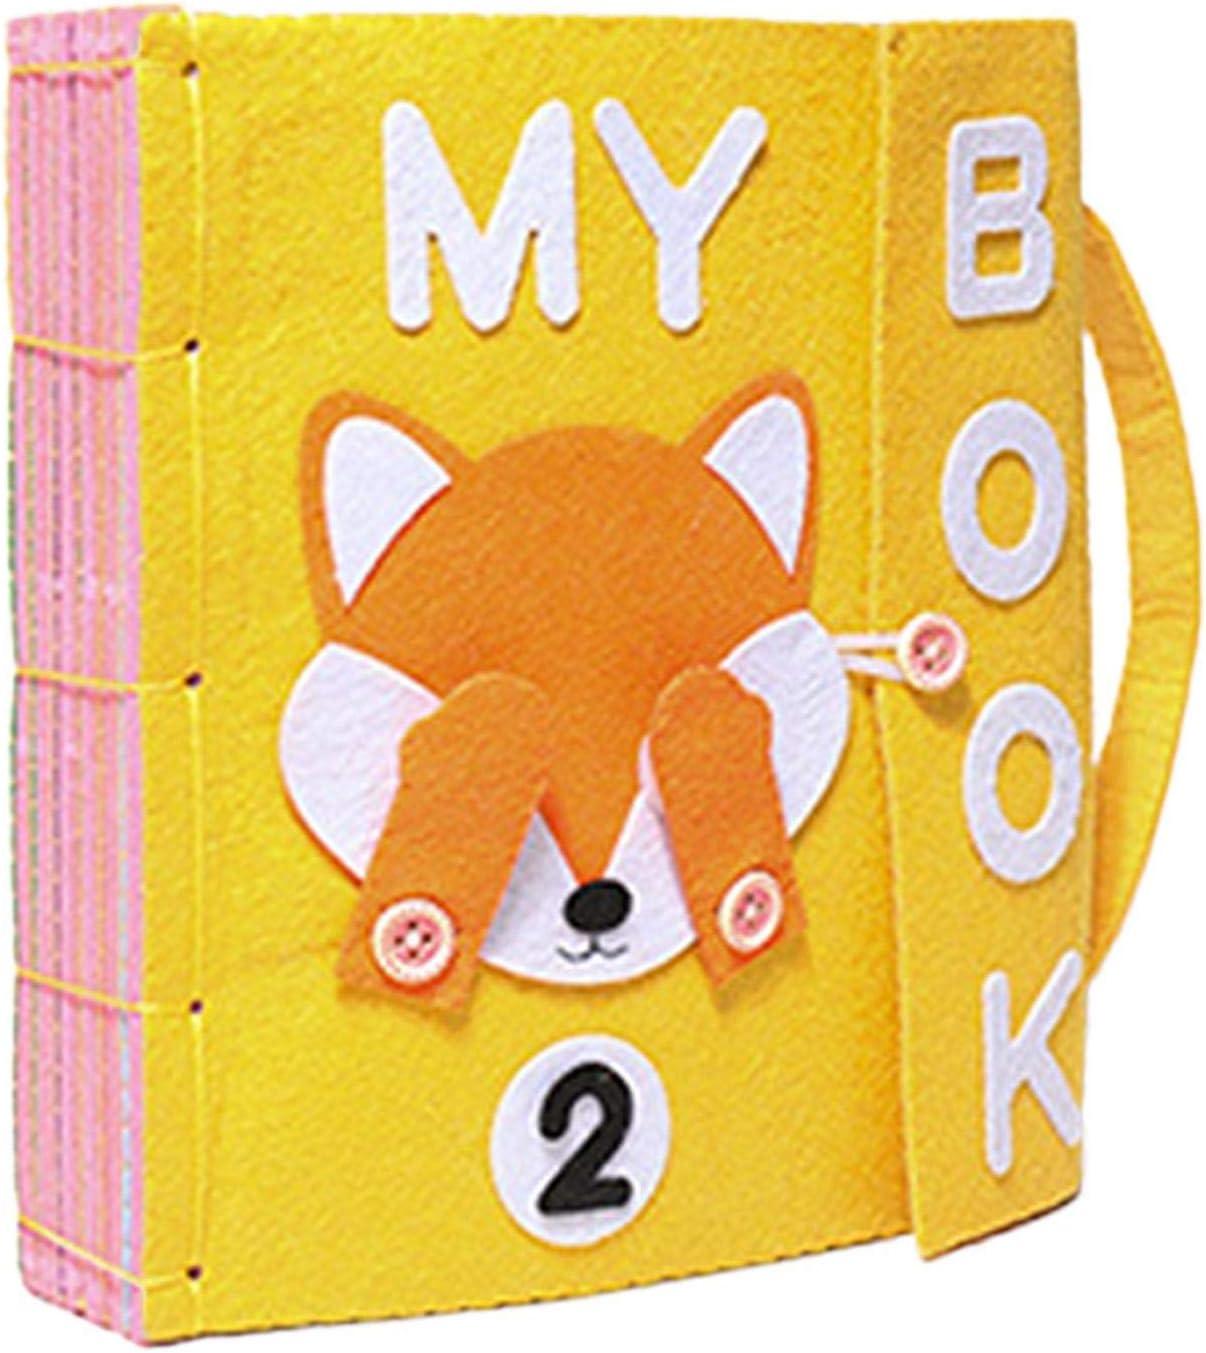 actividad regalo para baby shower juguetes educativos tempranos My Hut Book libros suaves arrugados para beb/és ni/ños y ni/ñas tela no t/óxica tela para beb/és